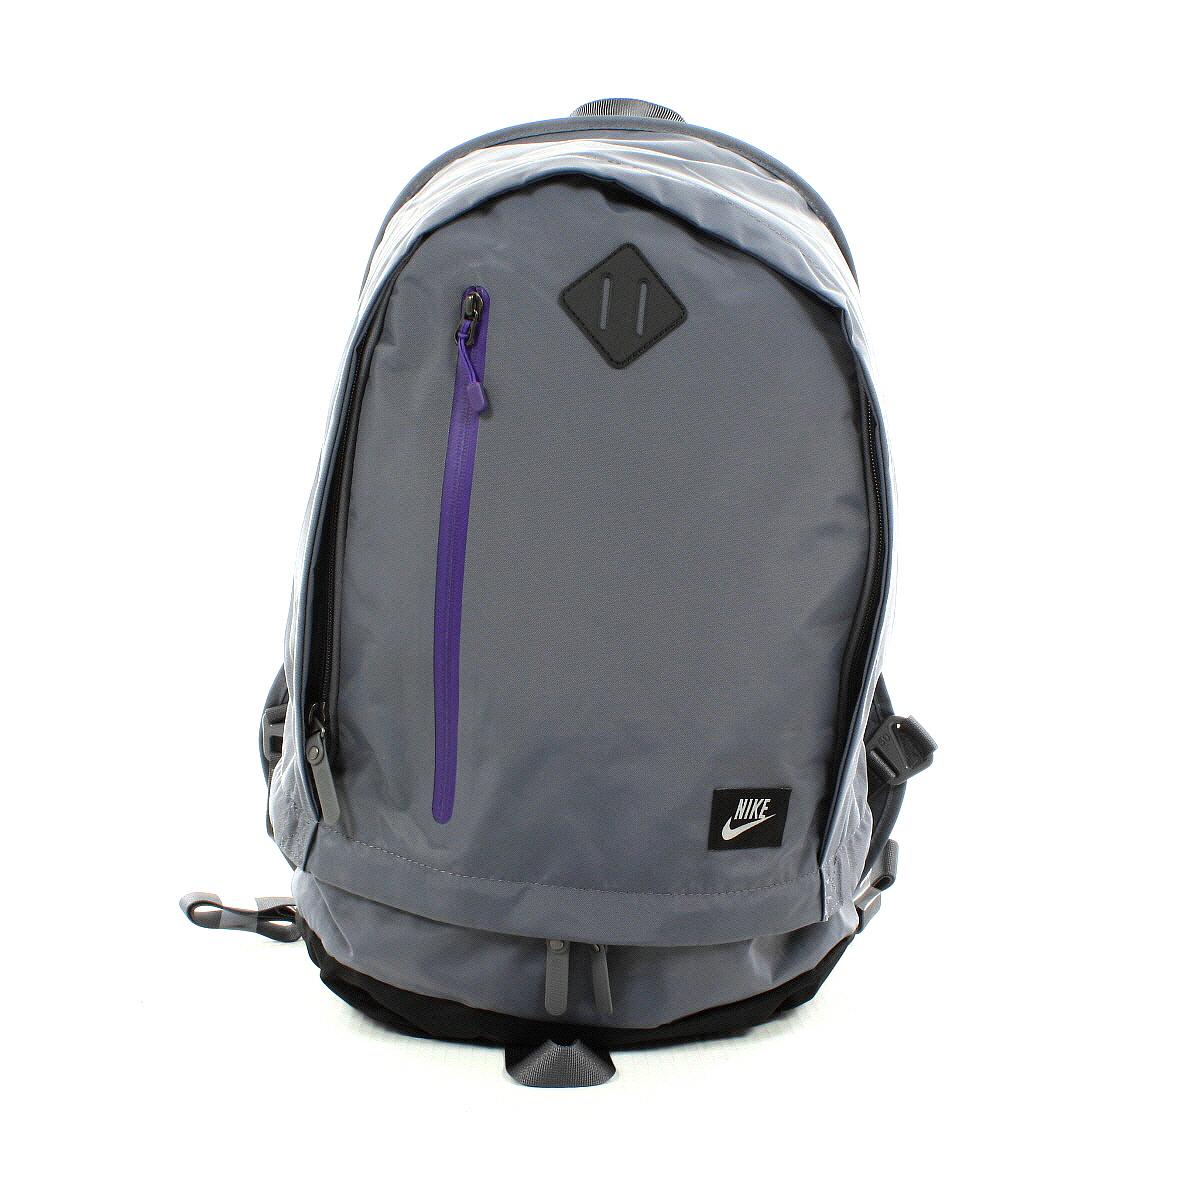 Nike Laptop backpack Cheyenne 2000 classic BA4134050,